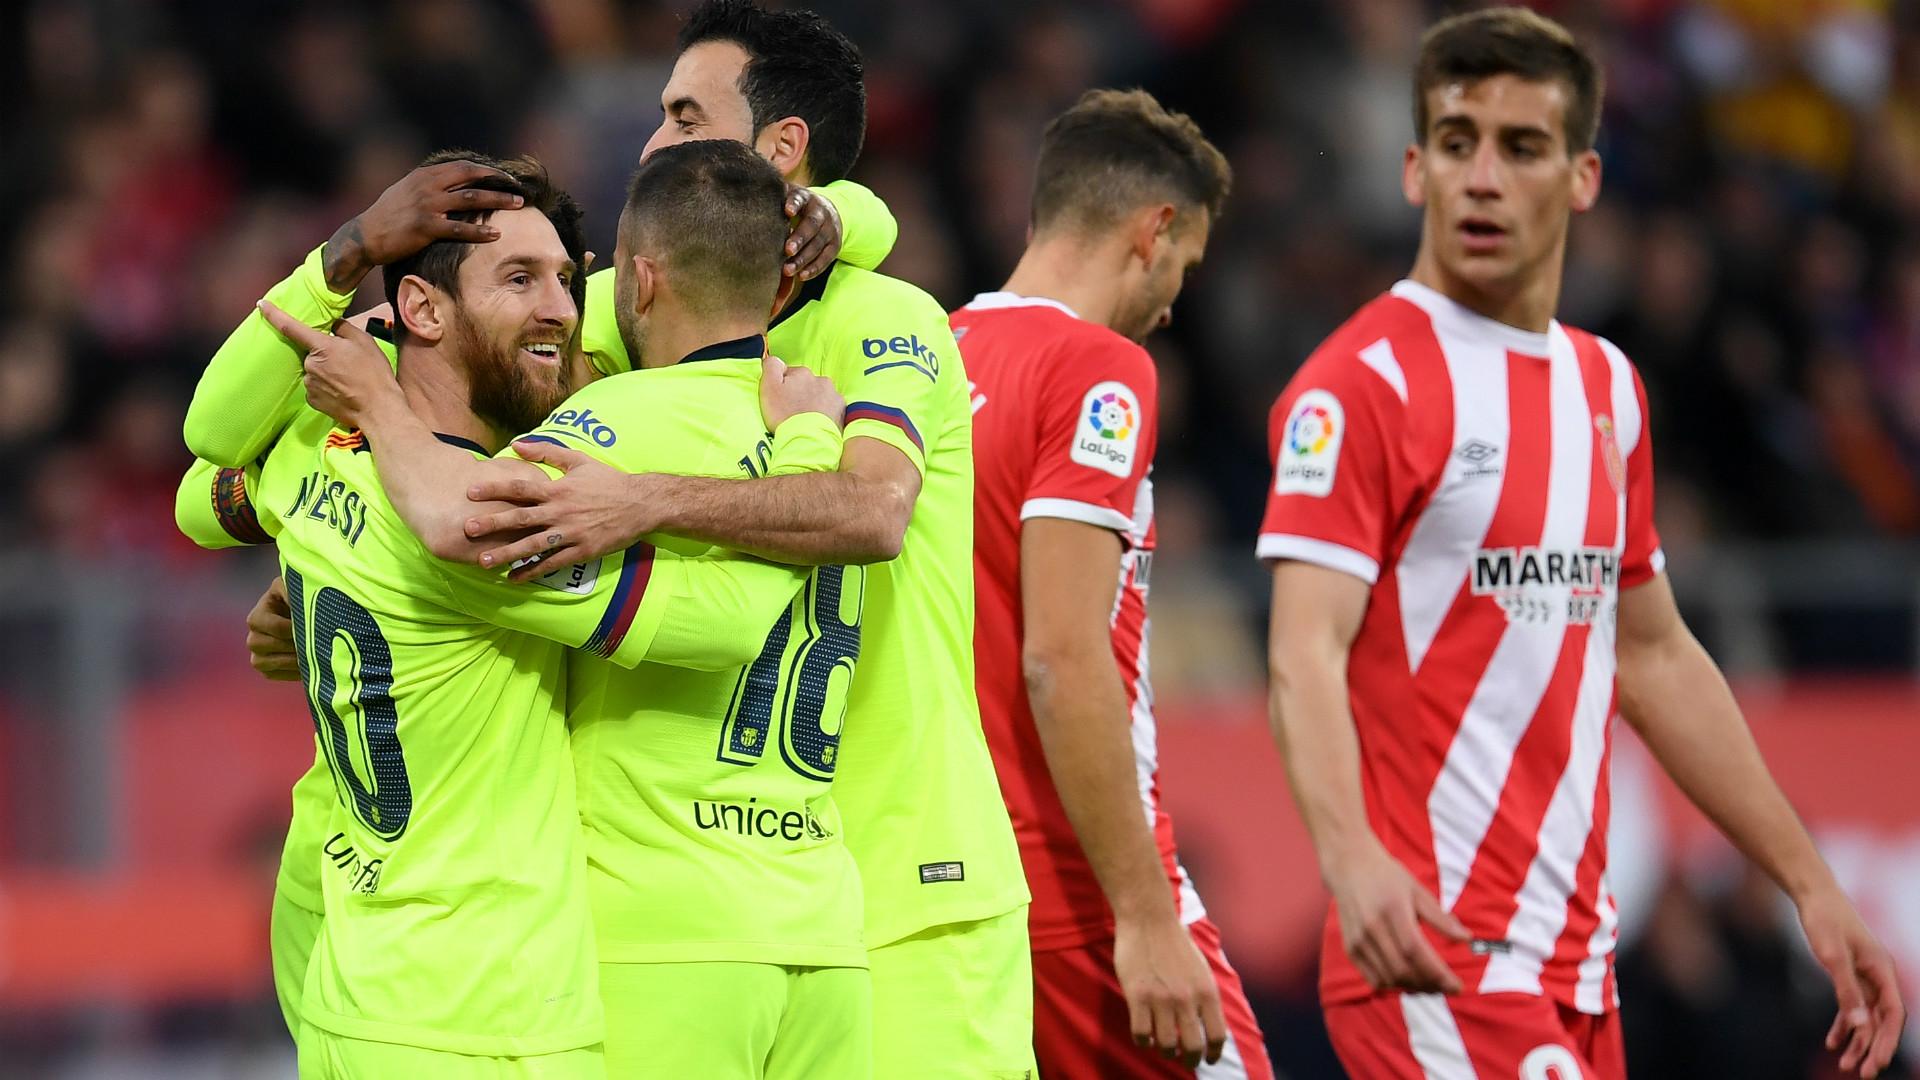 girona v barcelone r u00e9sum u00e9 du match  27  01  2019  primera